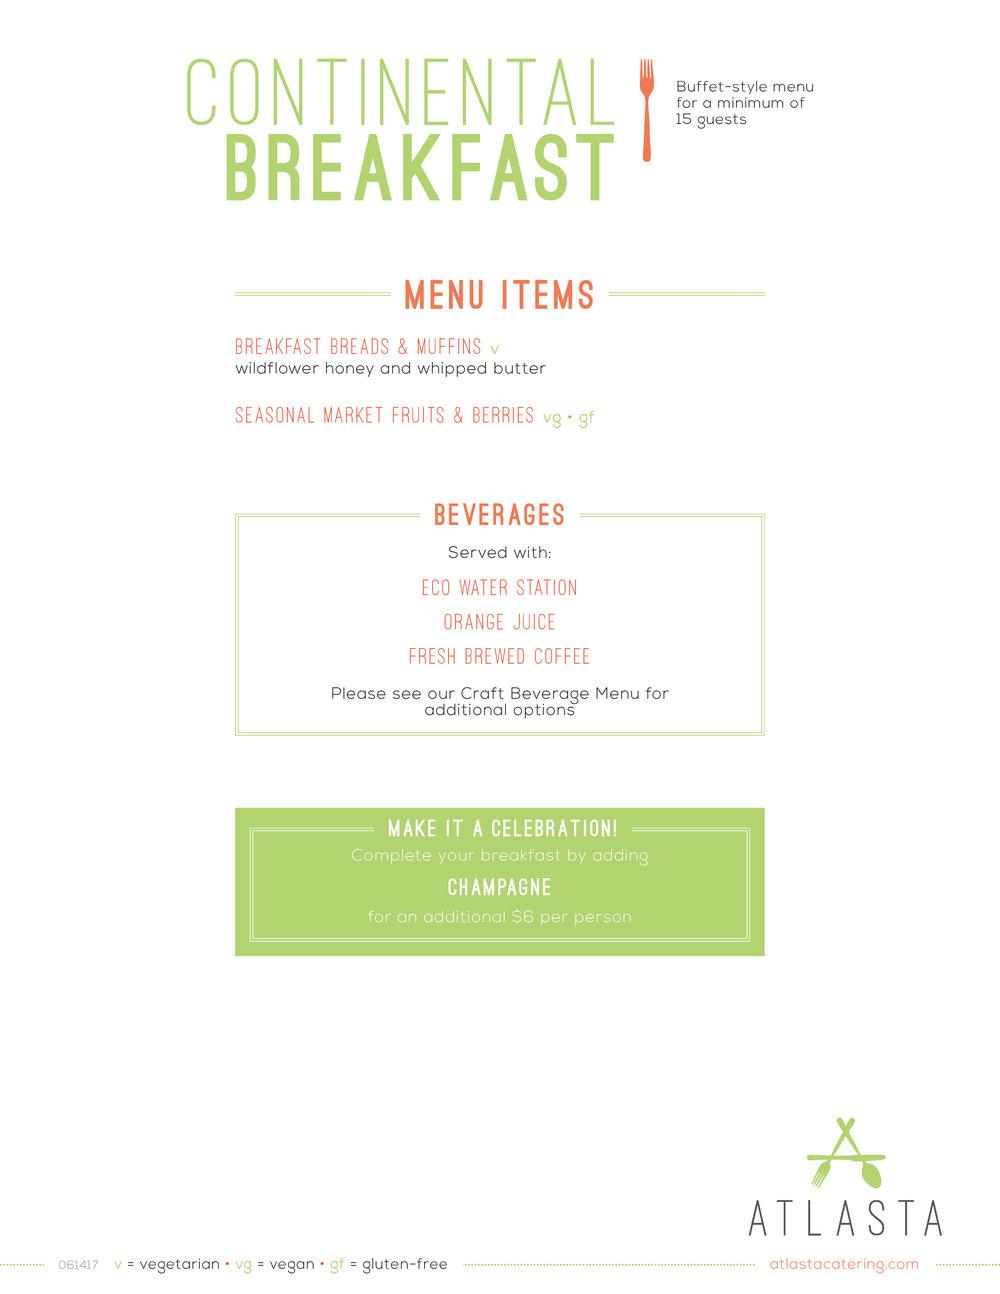 Atlasta Catering - Continental Breakfast